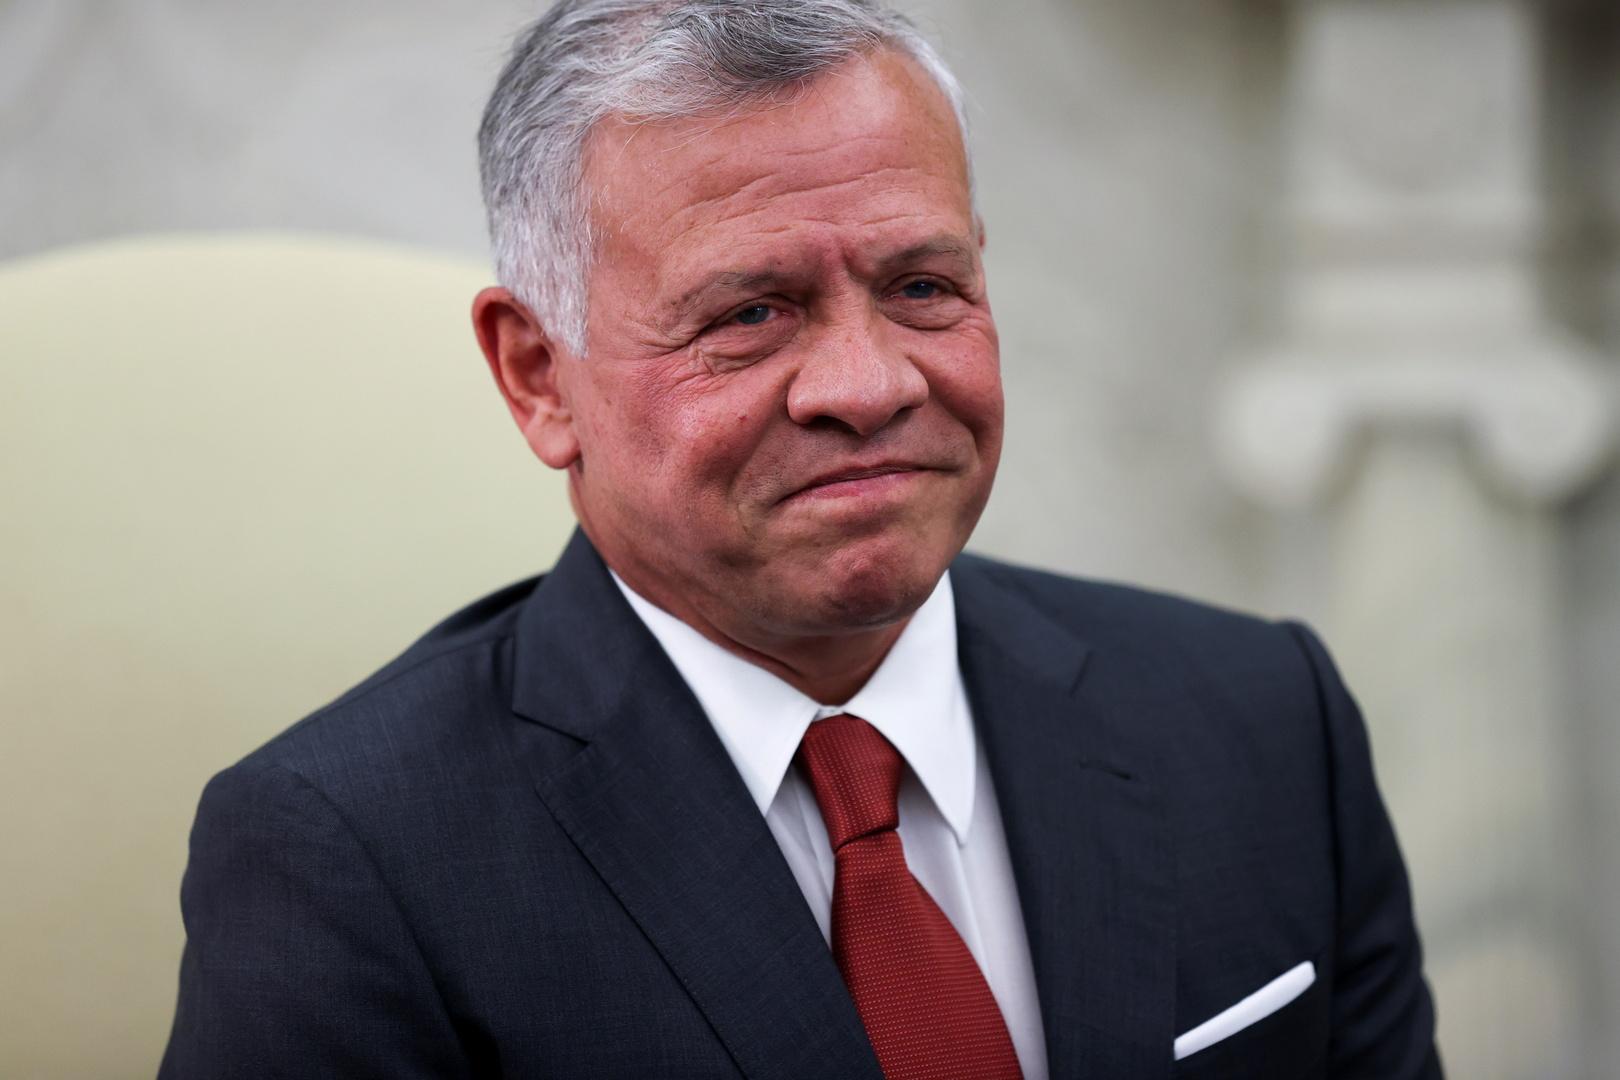 رئيس لجنة العلاقات الخارجية في الكونغرس الأمريكي يشيد برؤية ملك الأردن لملفات المنطقة وخارجها